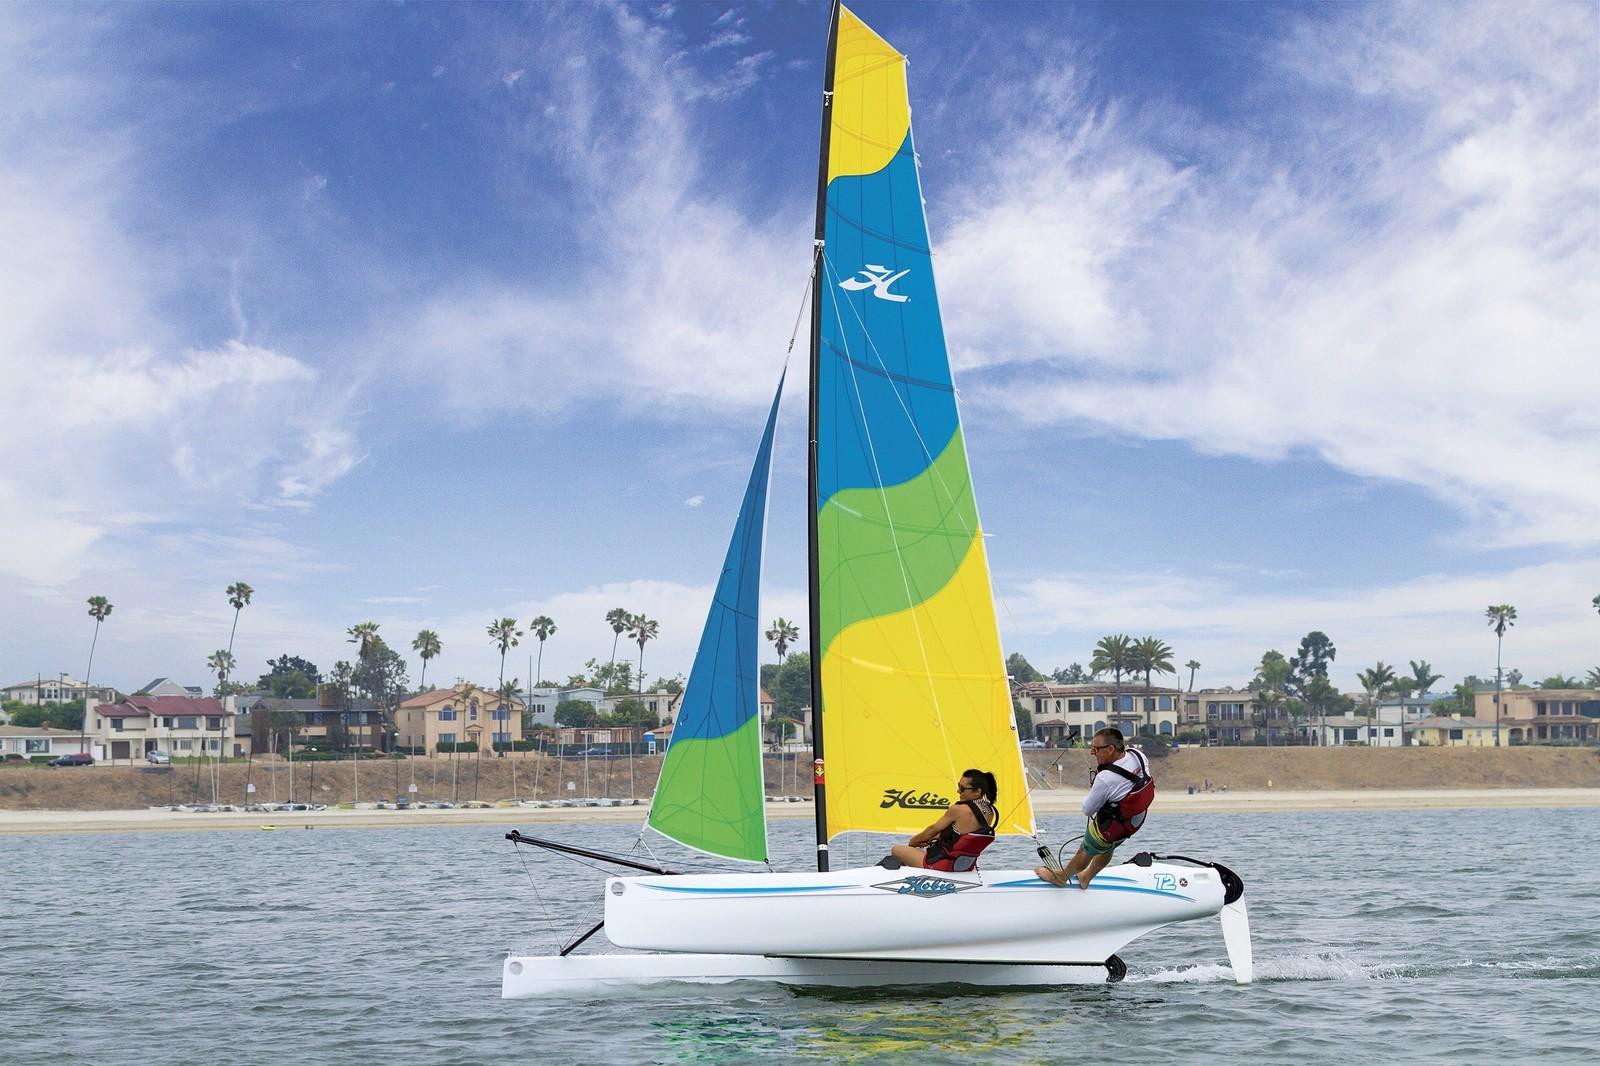 HOBIE T2 高性能滚塑帆船的标准船型 HOBIE T2